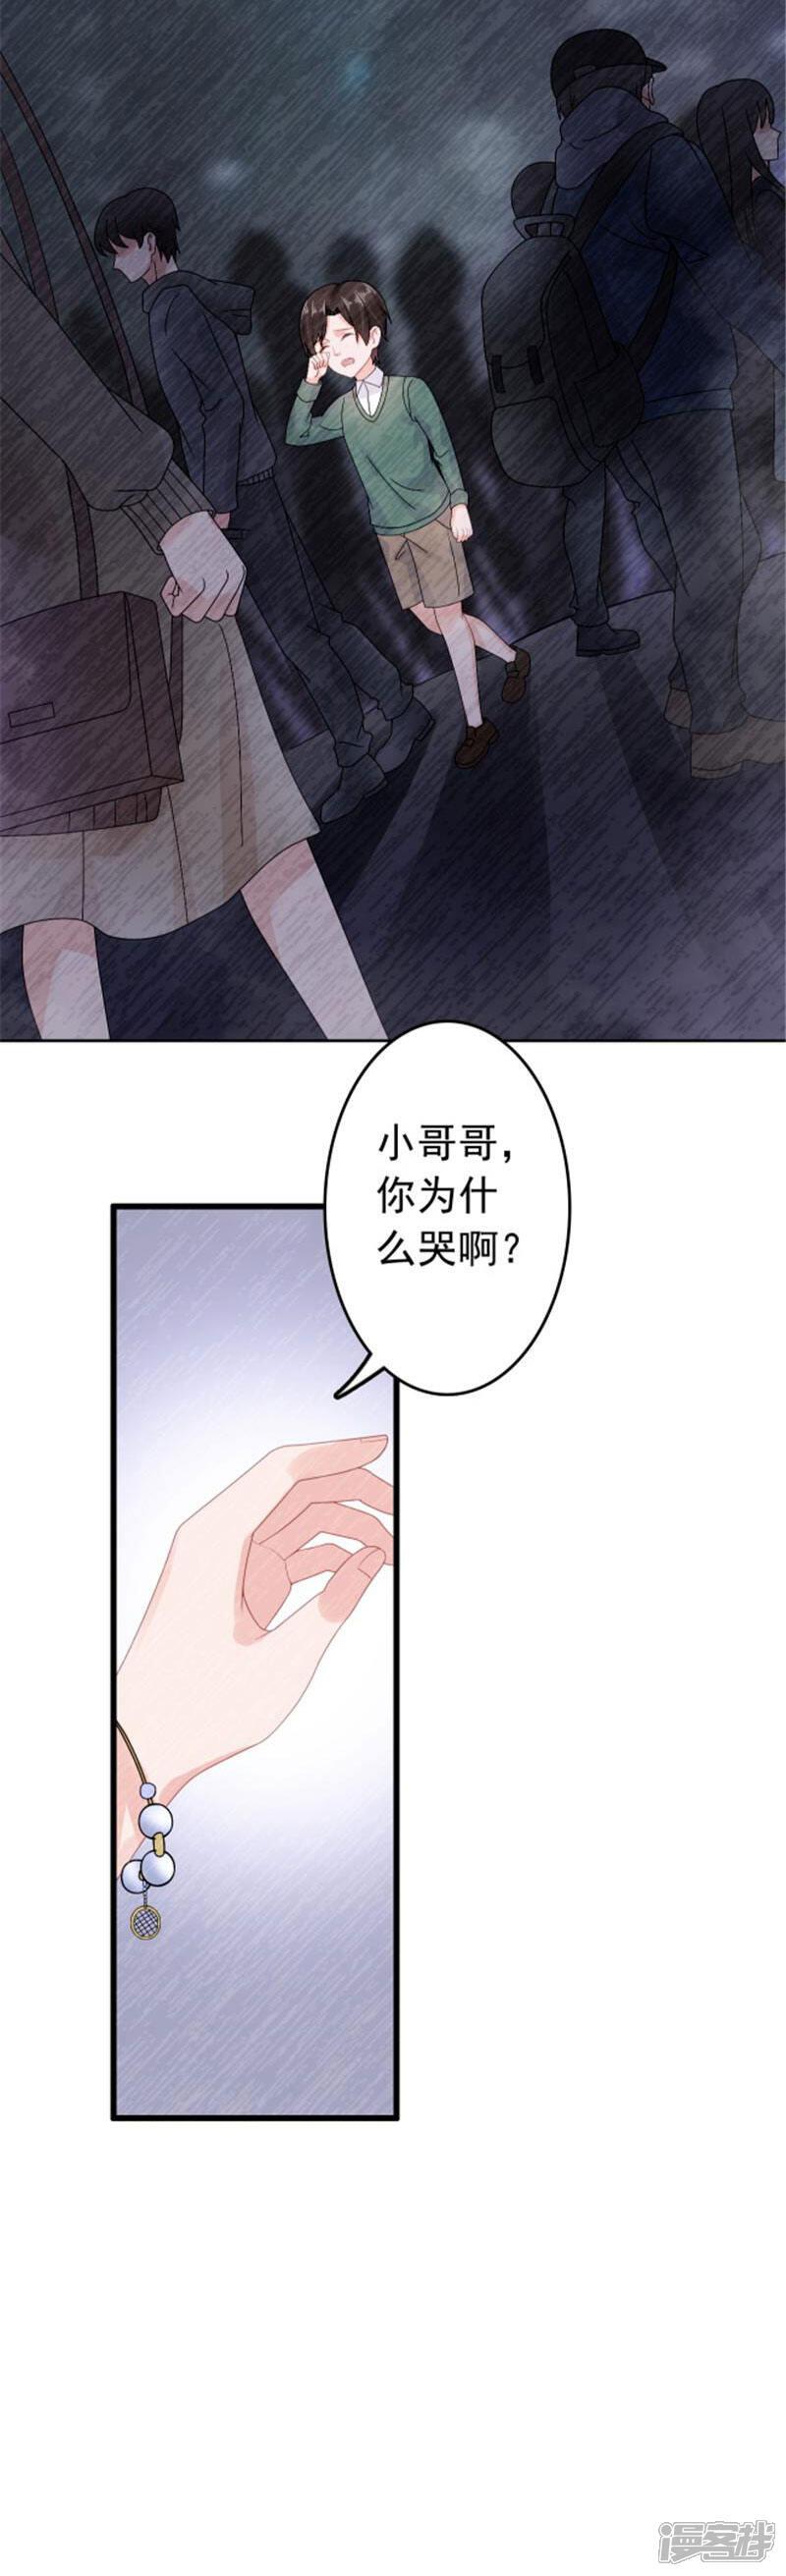 4_02.jpg